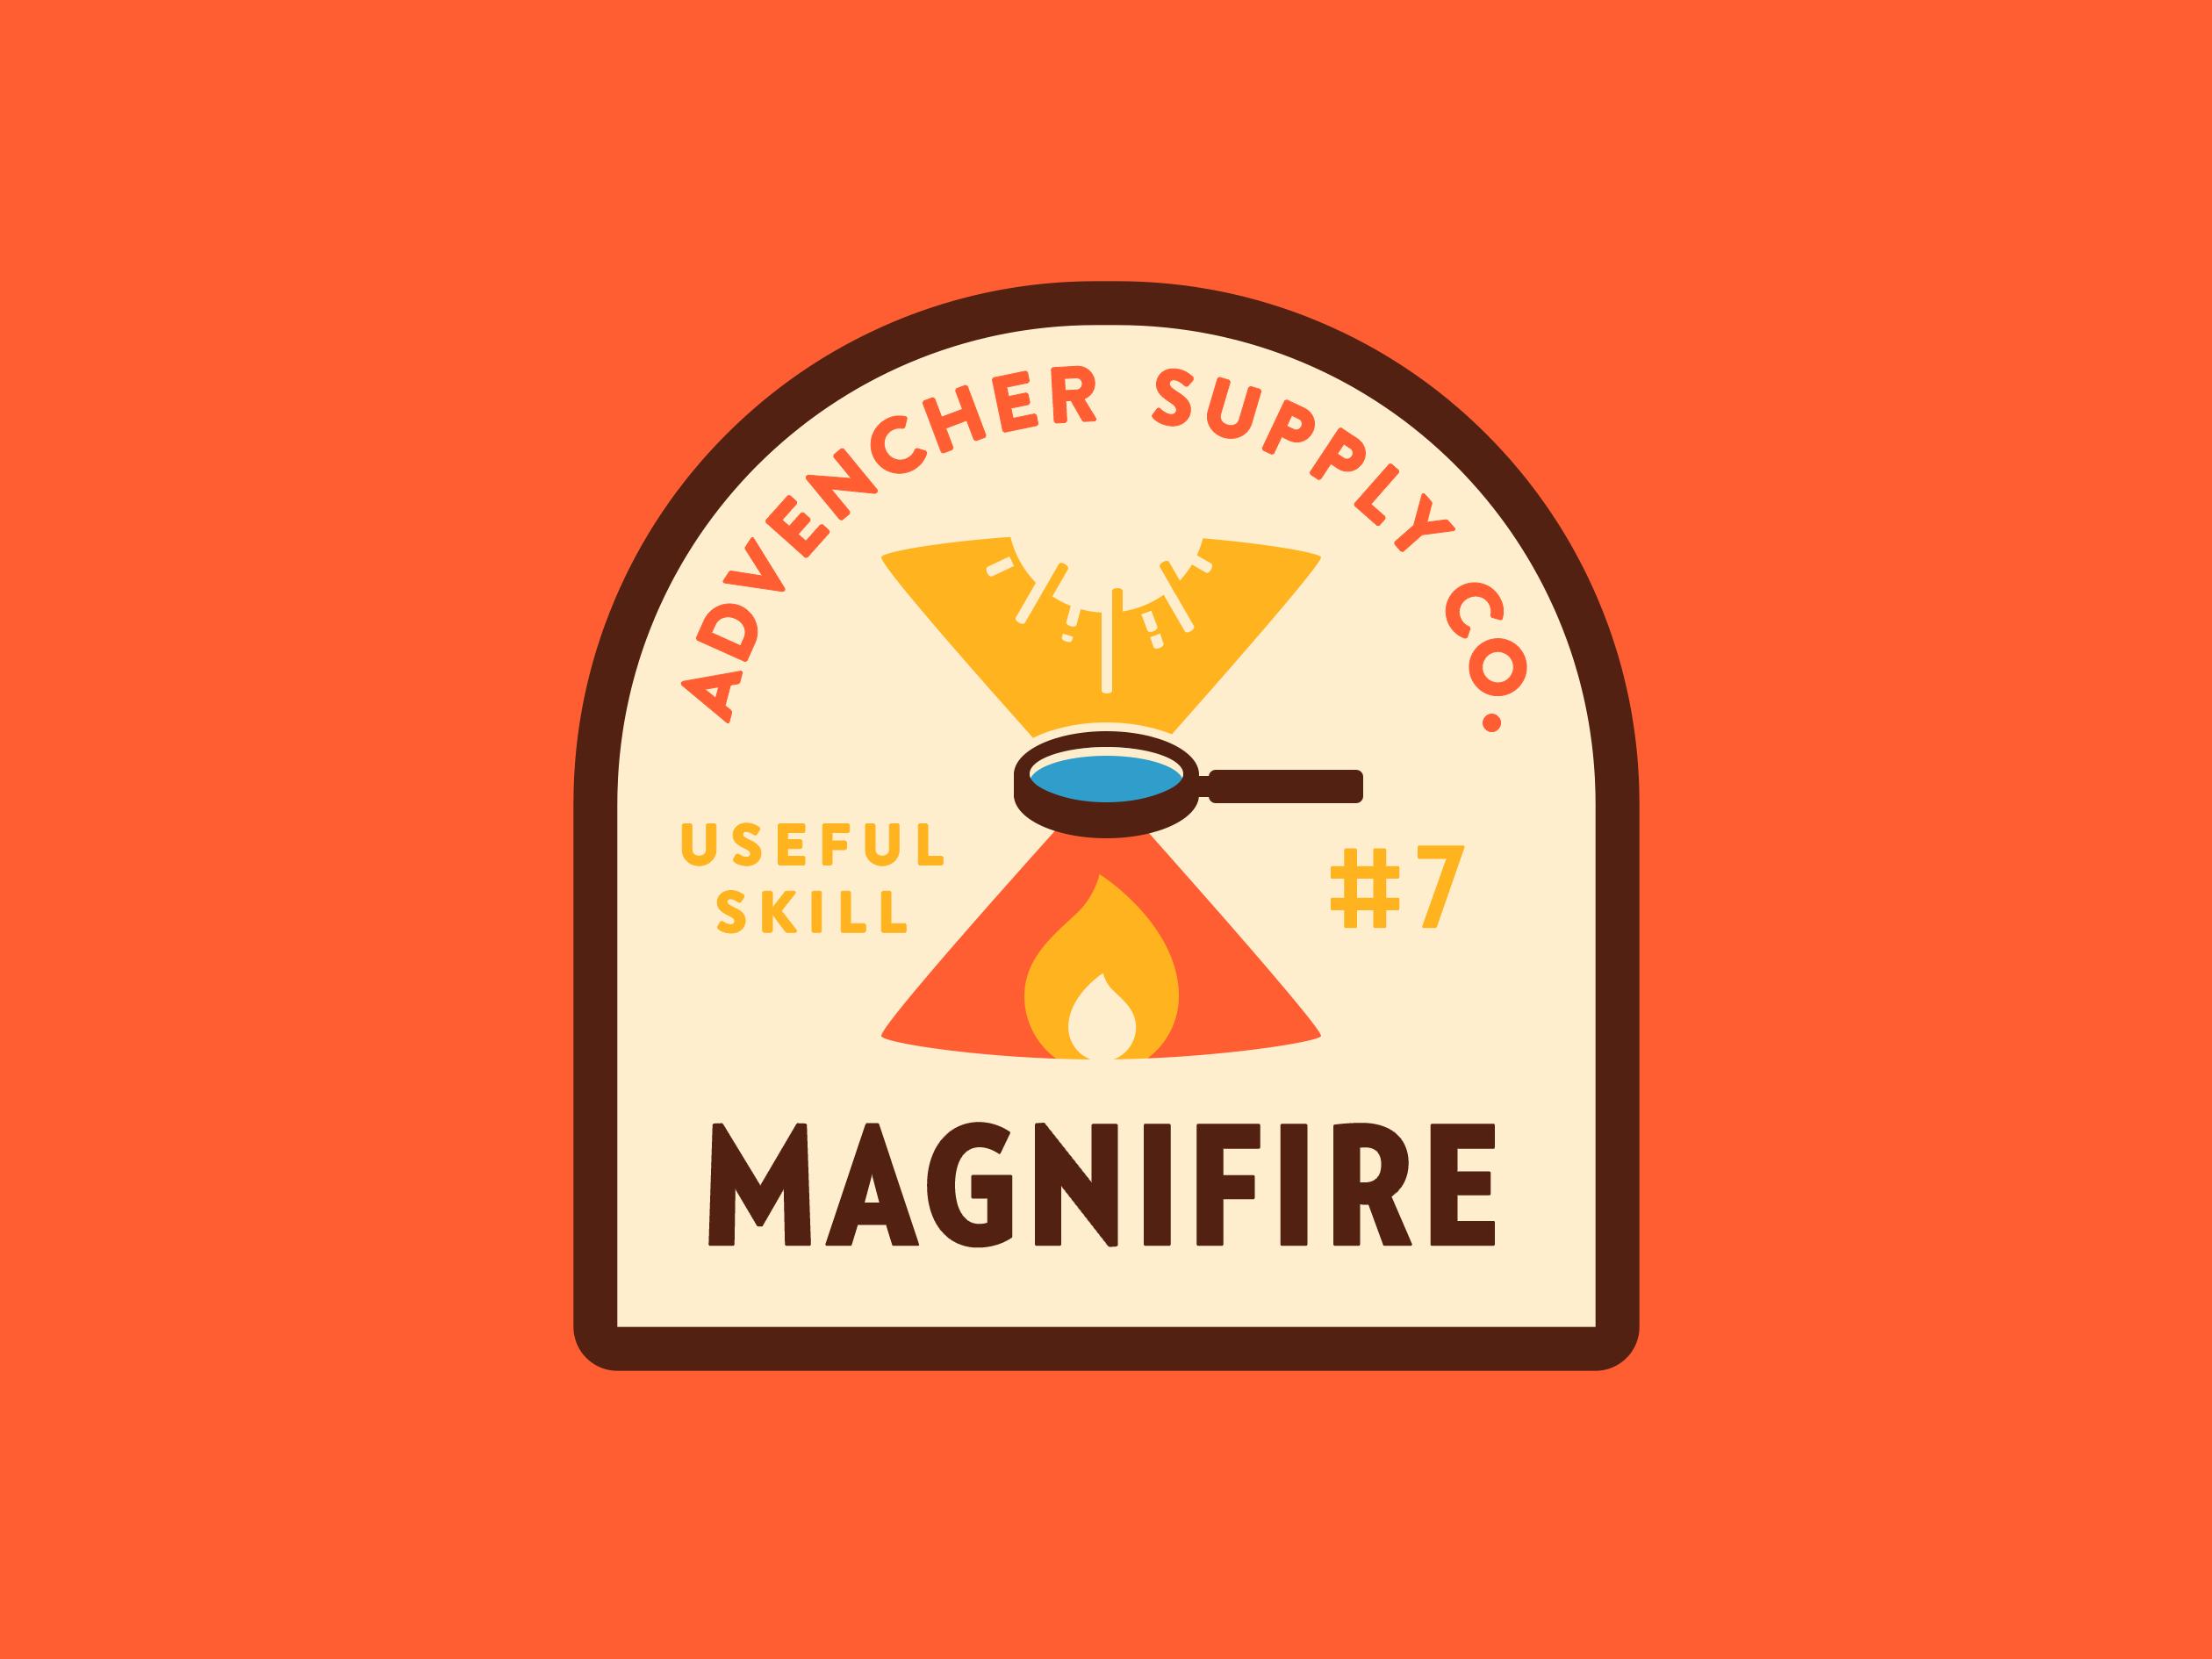 7 magnifier